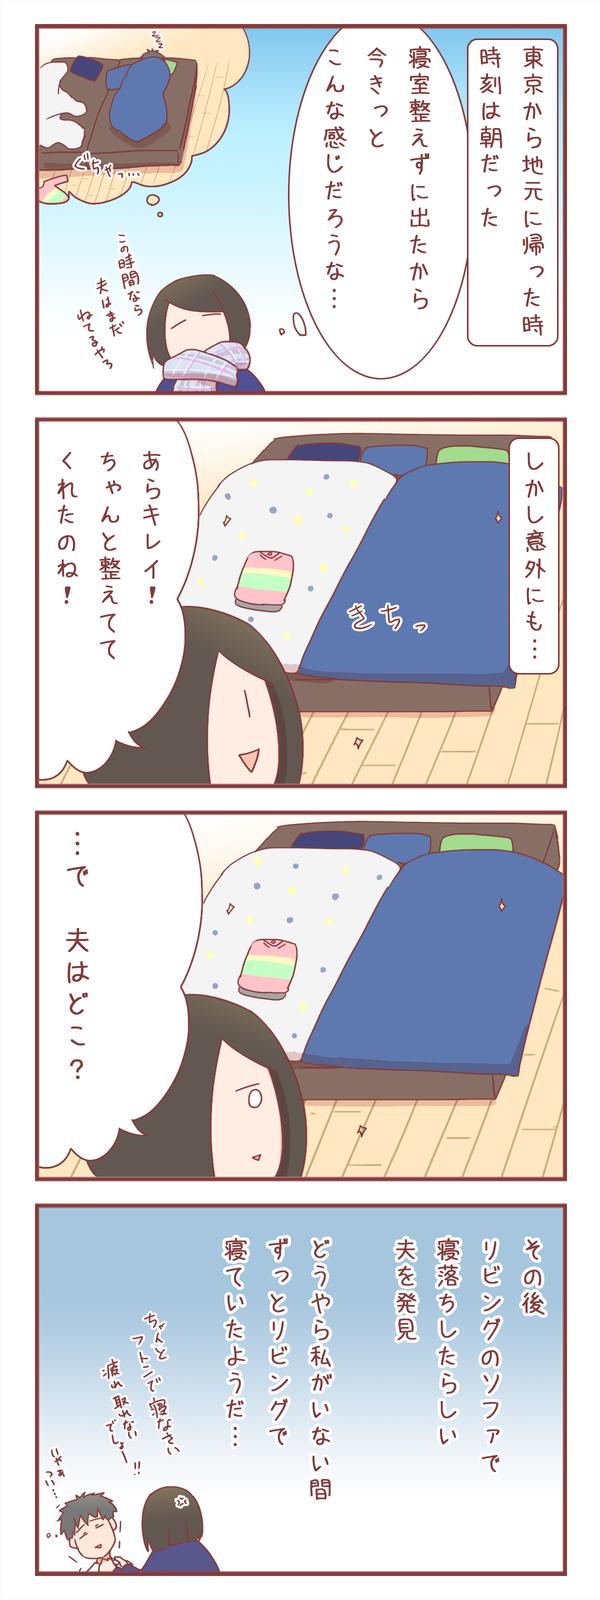 東京から帰ったら夫が寝室を整えてくれてた! けれど…